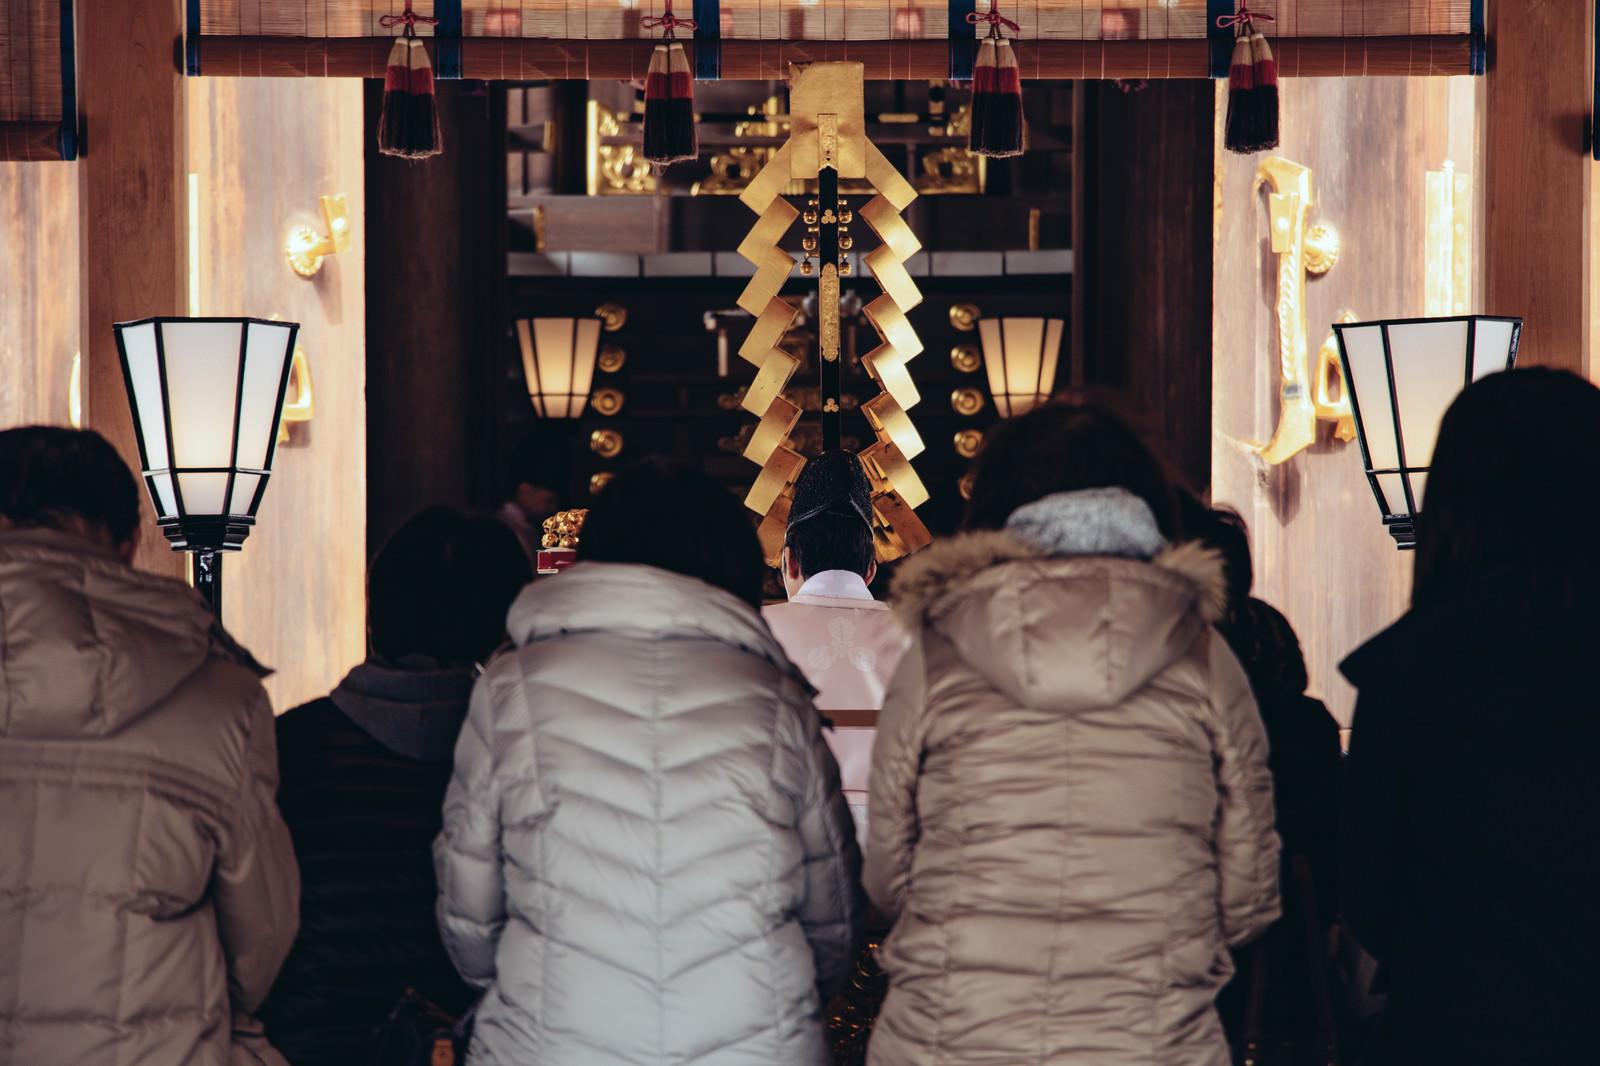 「初詣参拝者の後姿」の写真